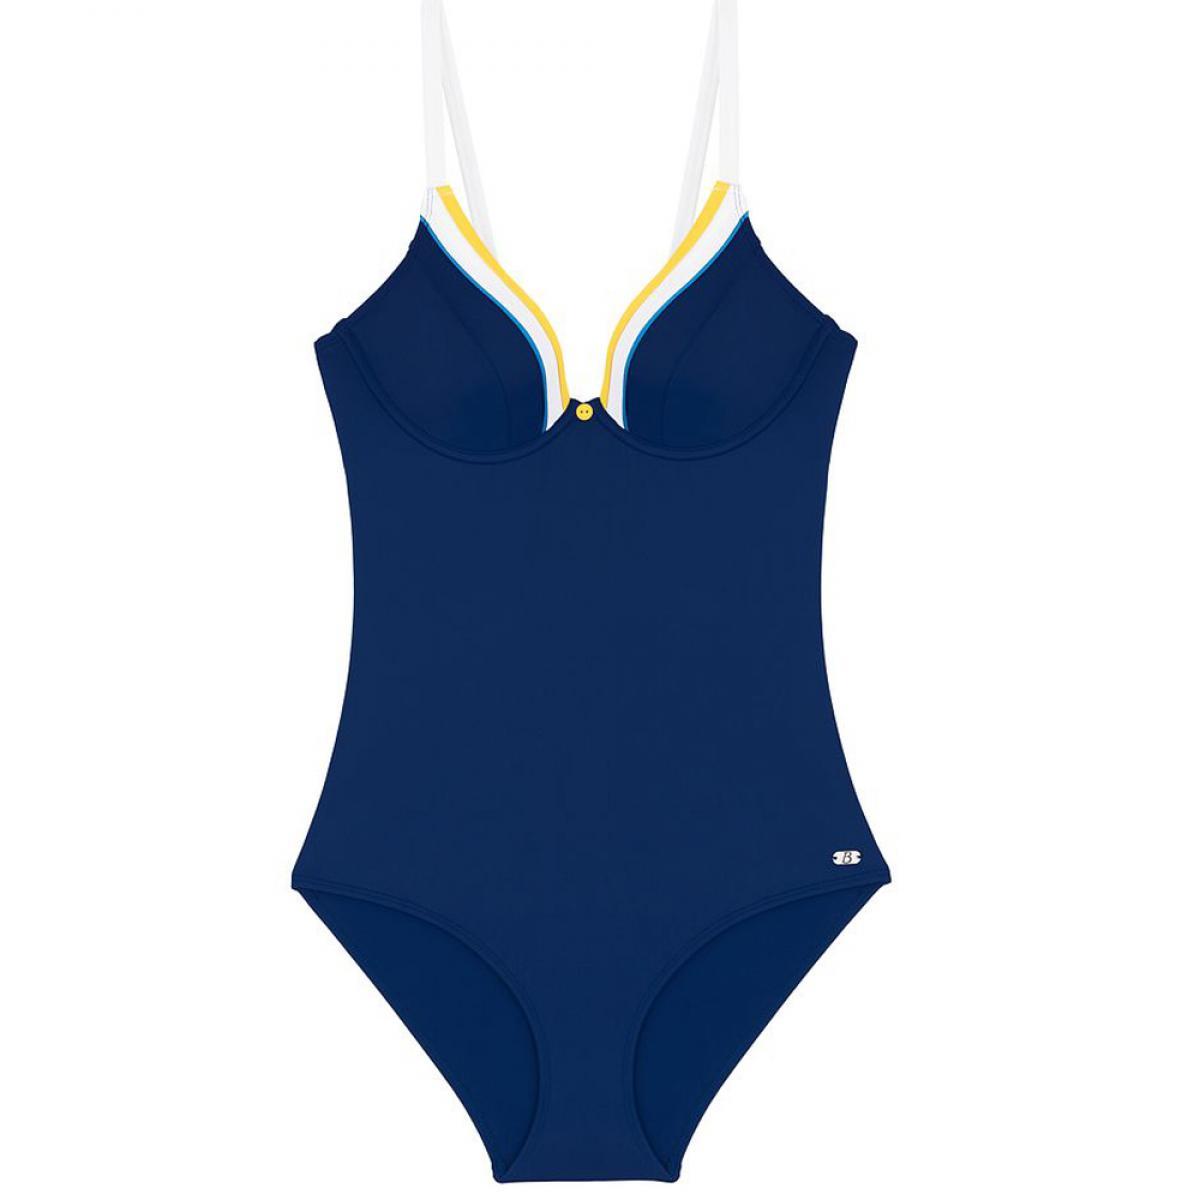 6b91ca0594 Maillot de bain une pièce armatures bleu Bestform maillot - Lemon Curve